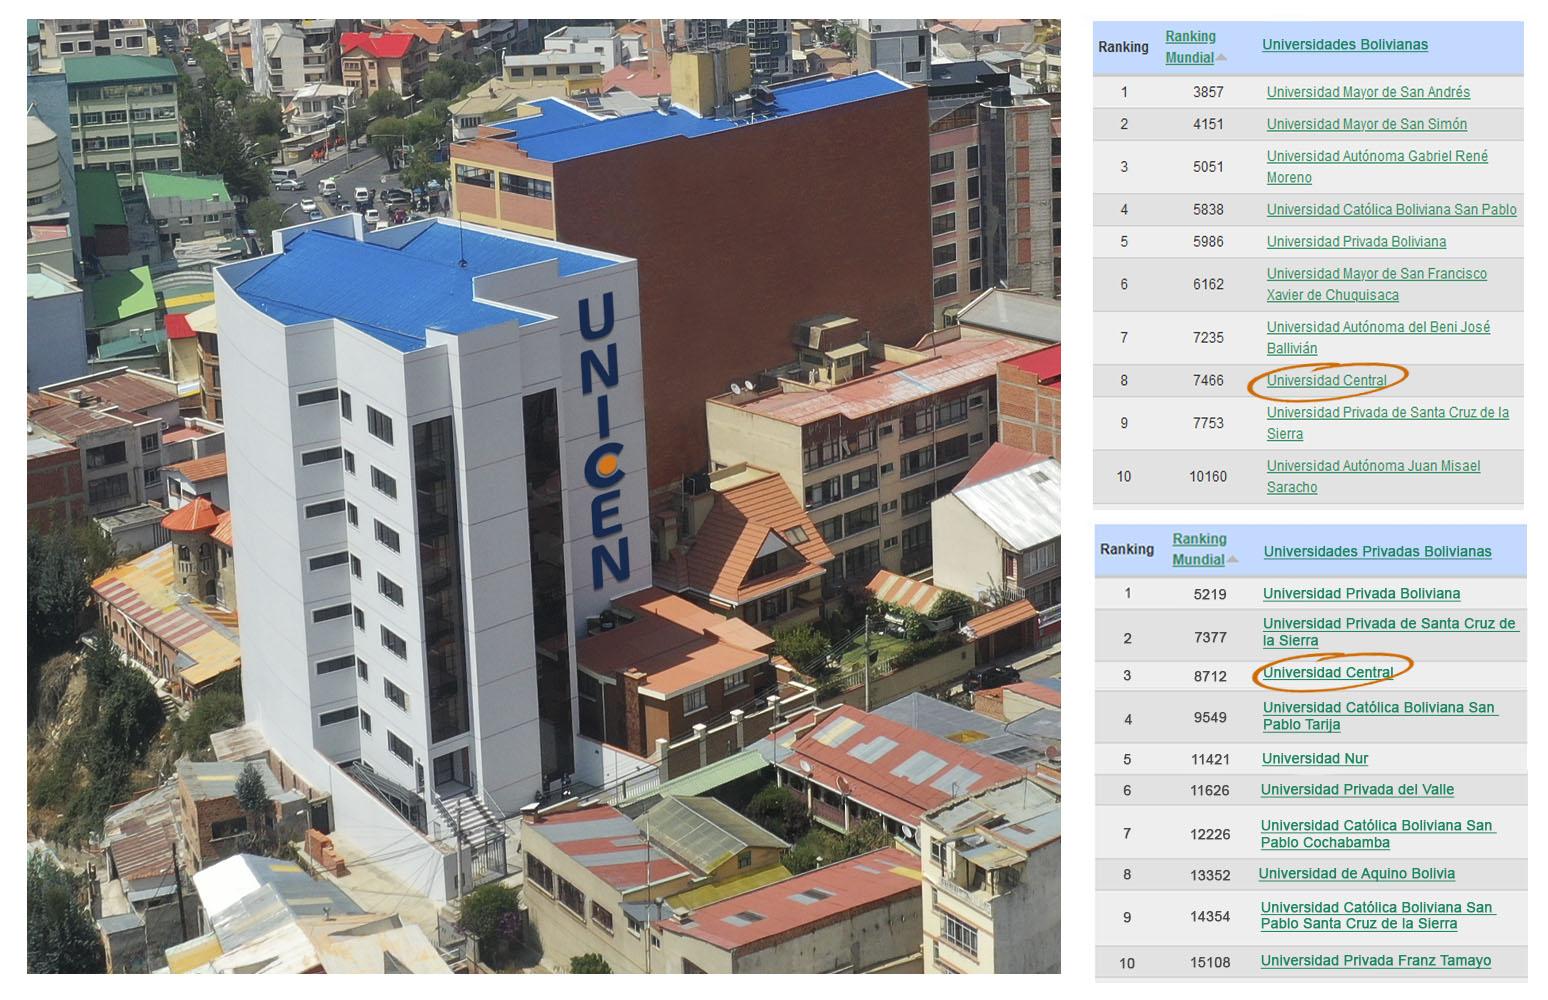 Subimos un peldaño más en el ranking de mejores universidades de Bolivia